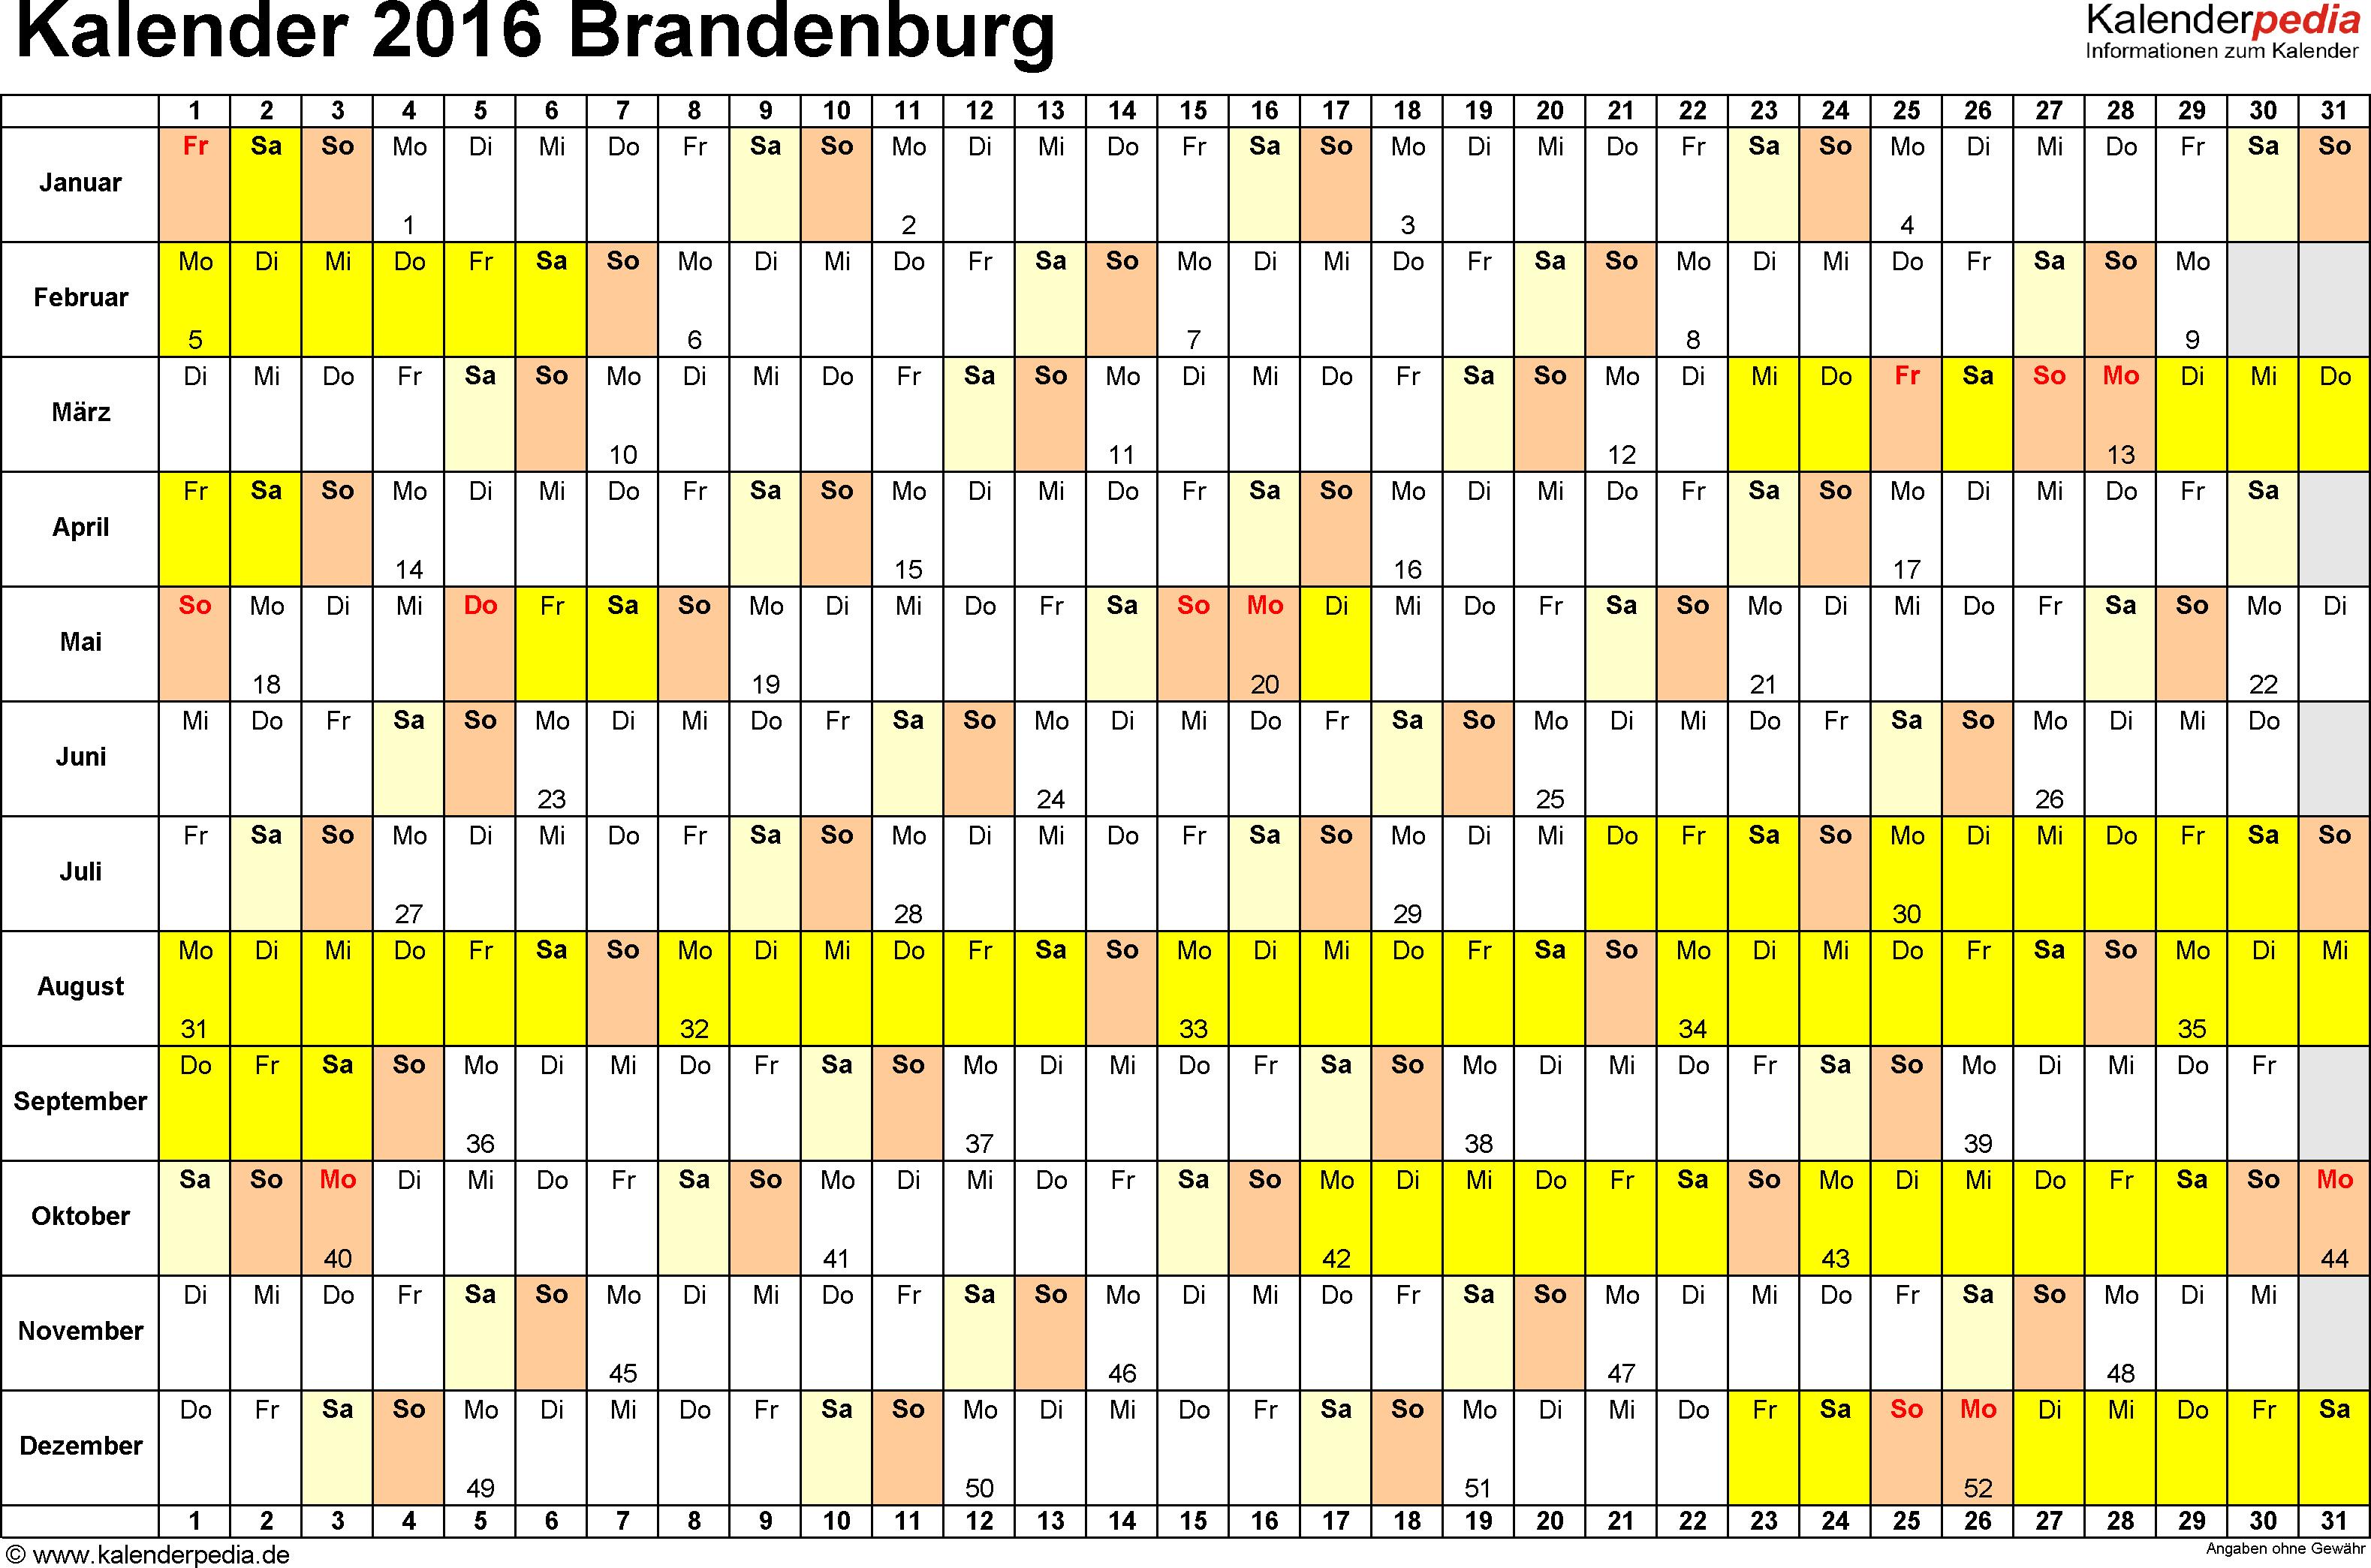 Vorlage 3: Kalender Brandenburg 2016 im Querformat, Tage nebeneinander